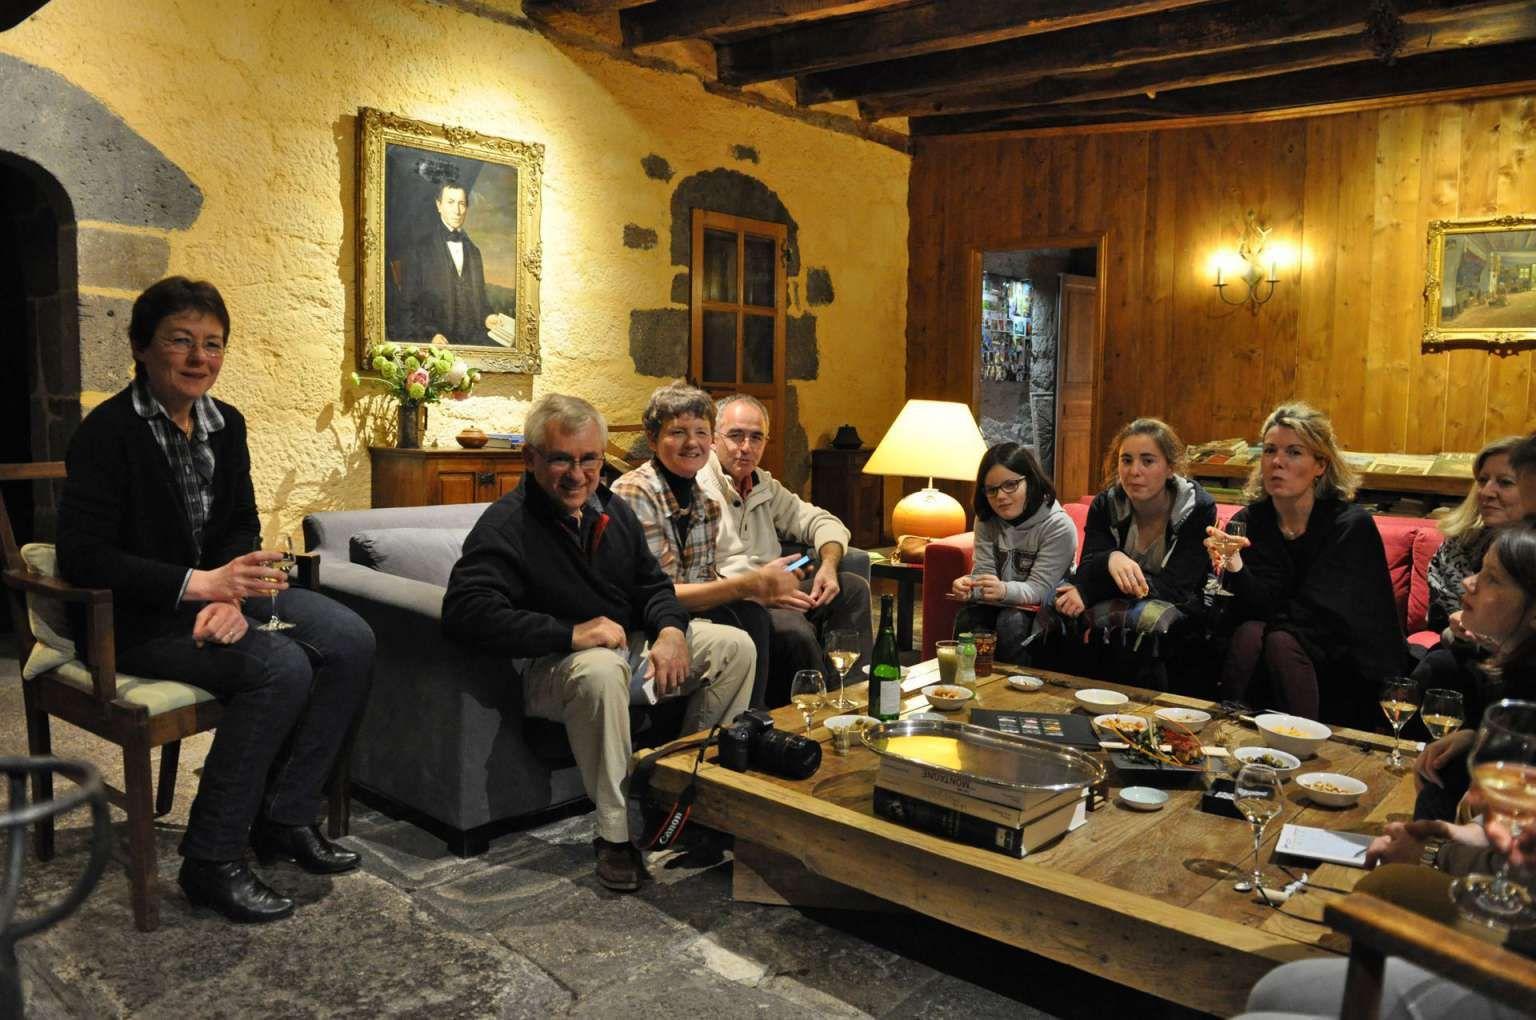 Galerie Photos La Roussiere Maison D Hotes De Charme Auvergne Cantal Site Officiel Chambre D Hotes Aurillac Au Maison D Hotes Auvergne Galeries De Photos